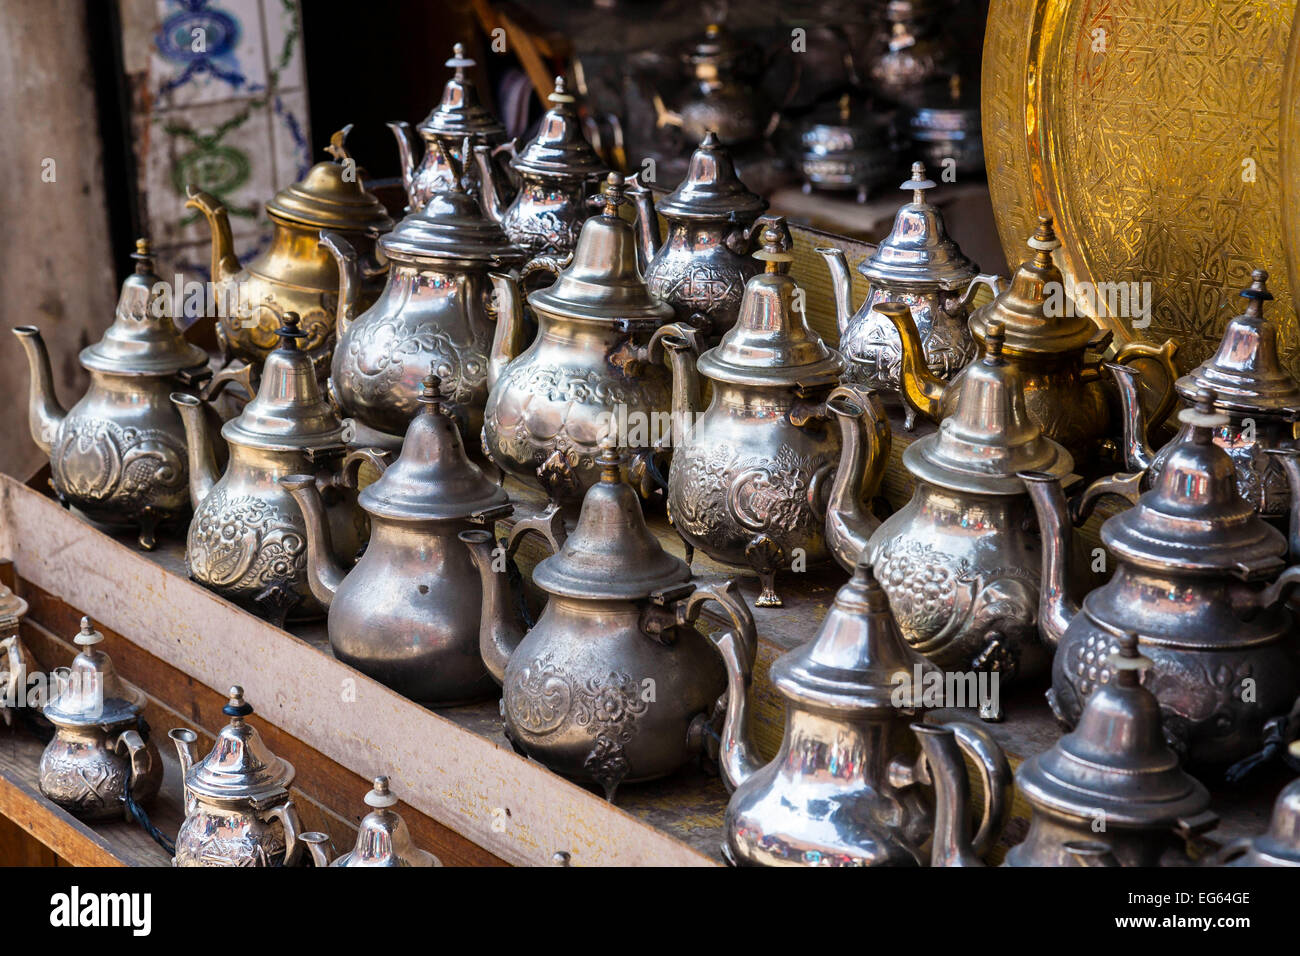 Teapots at a souvenir shop in the medina of Marrakech - Stock Image